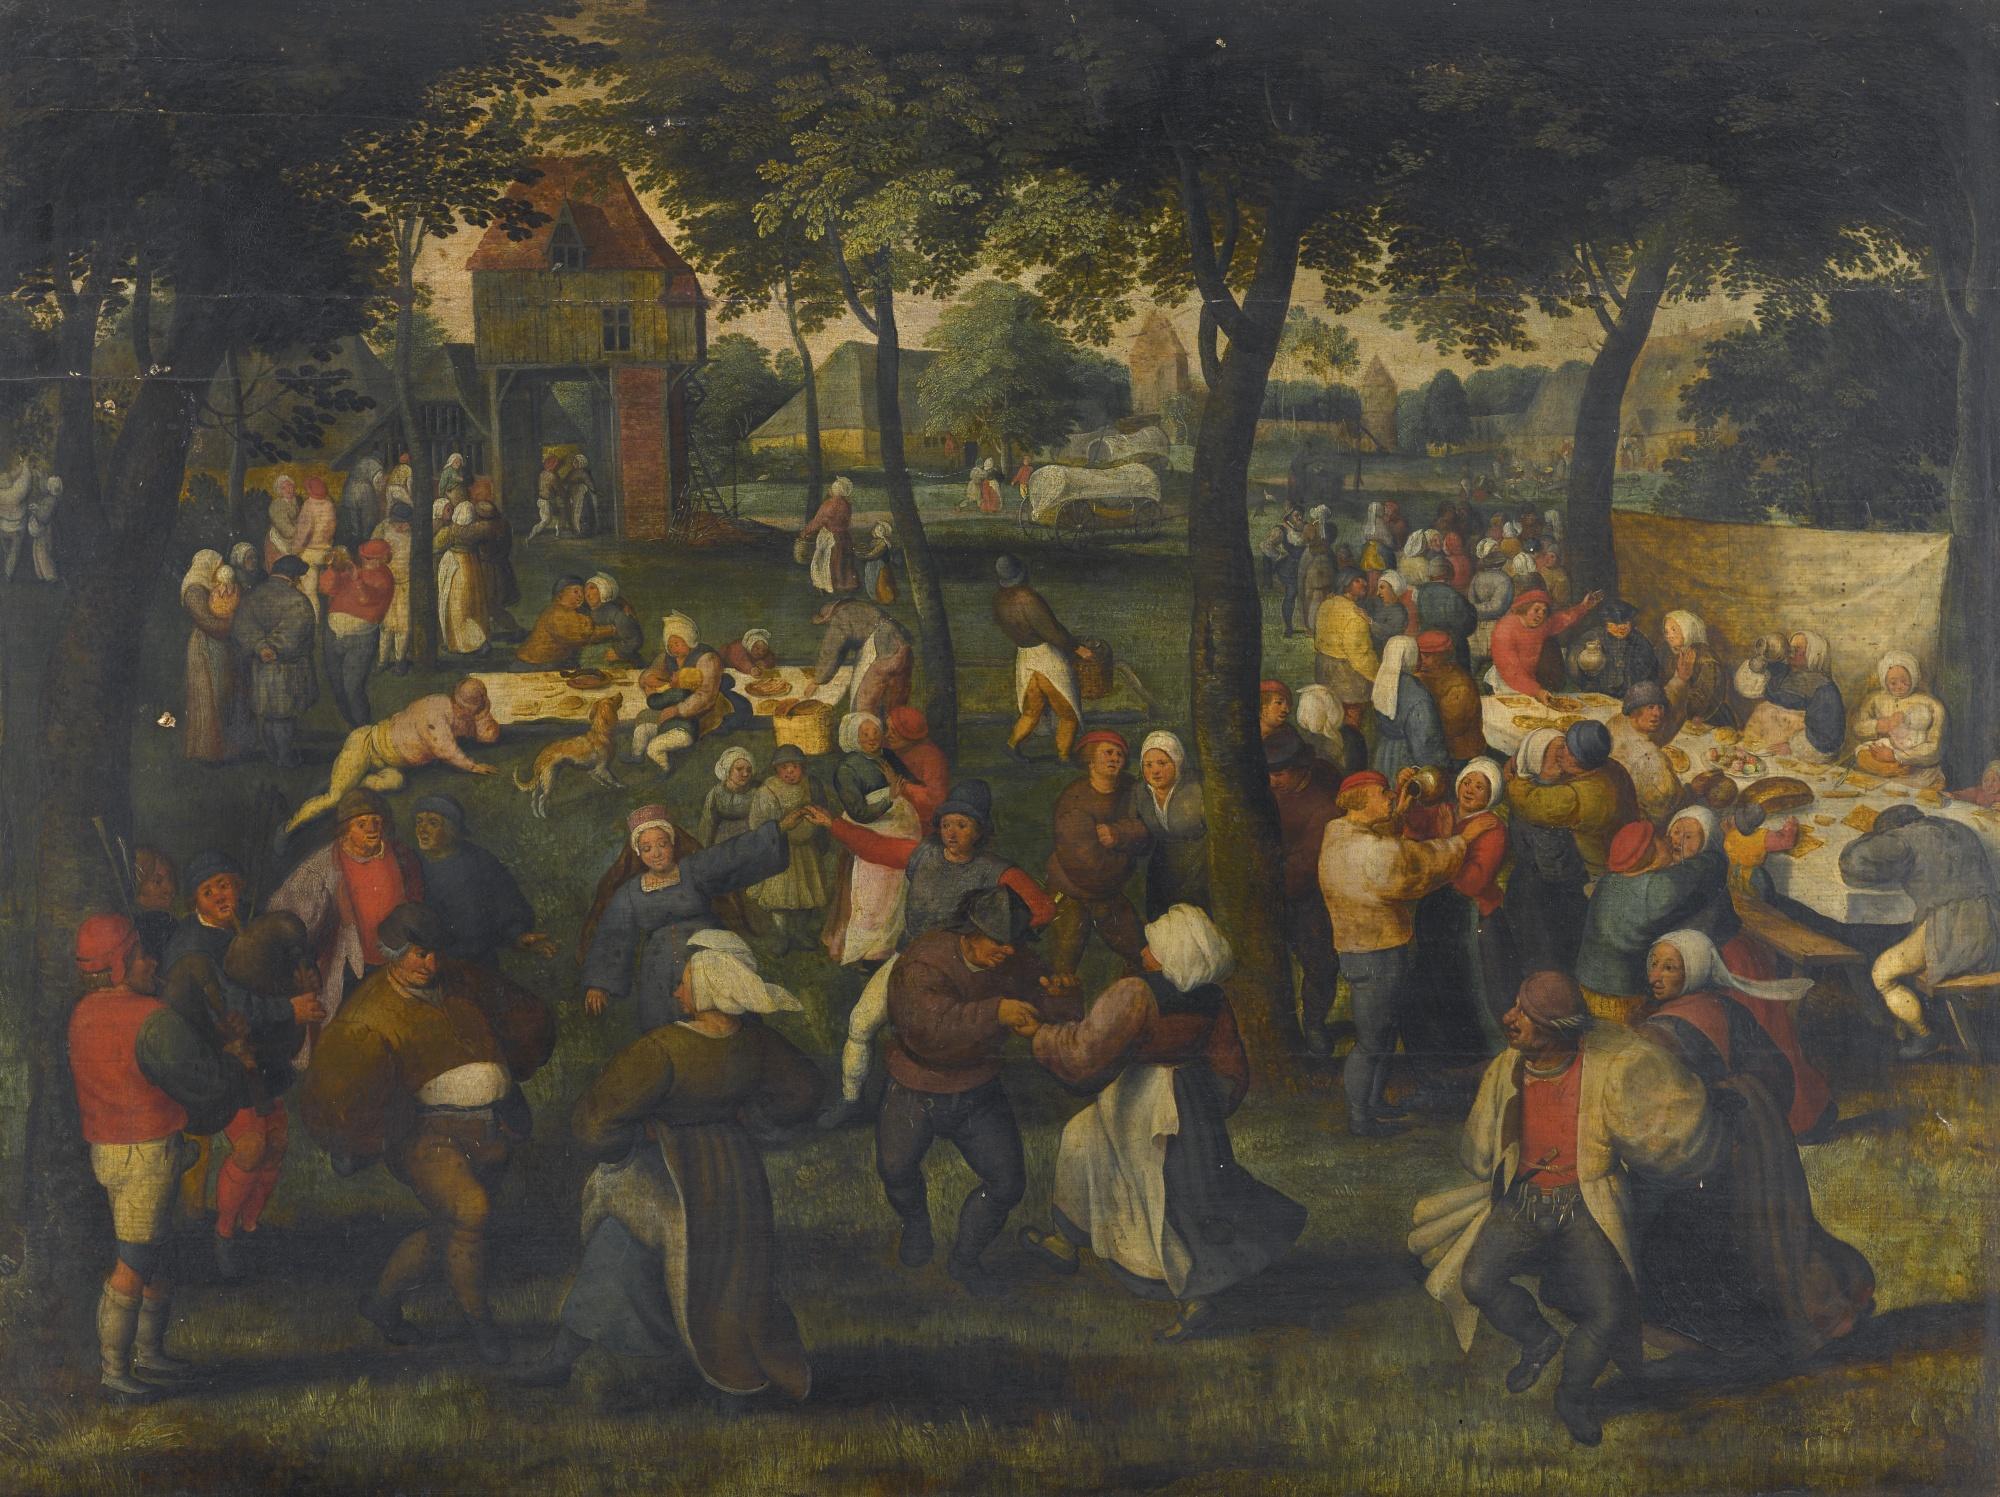 File An Outdoor Wedding Dance By Marten Van Cleve The Elder Jpg